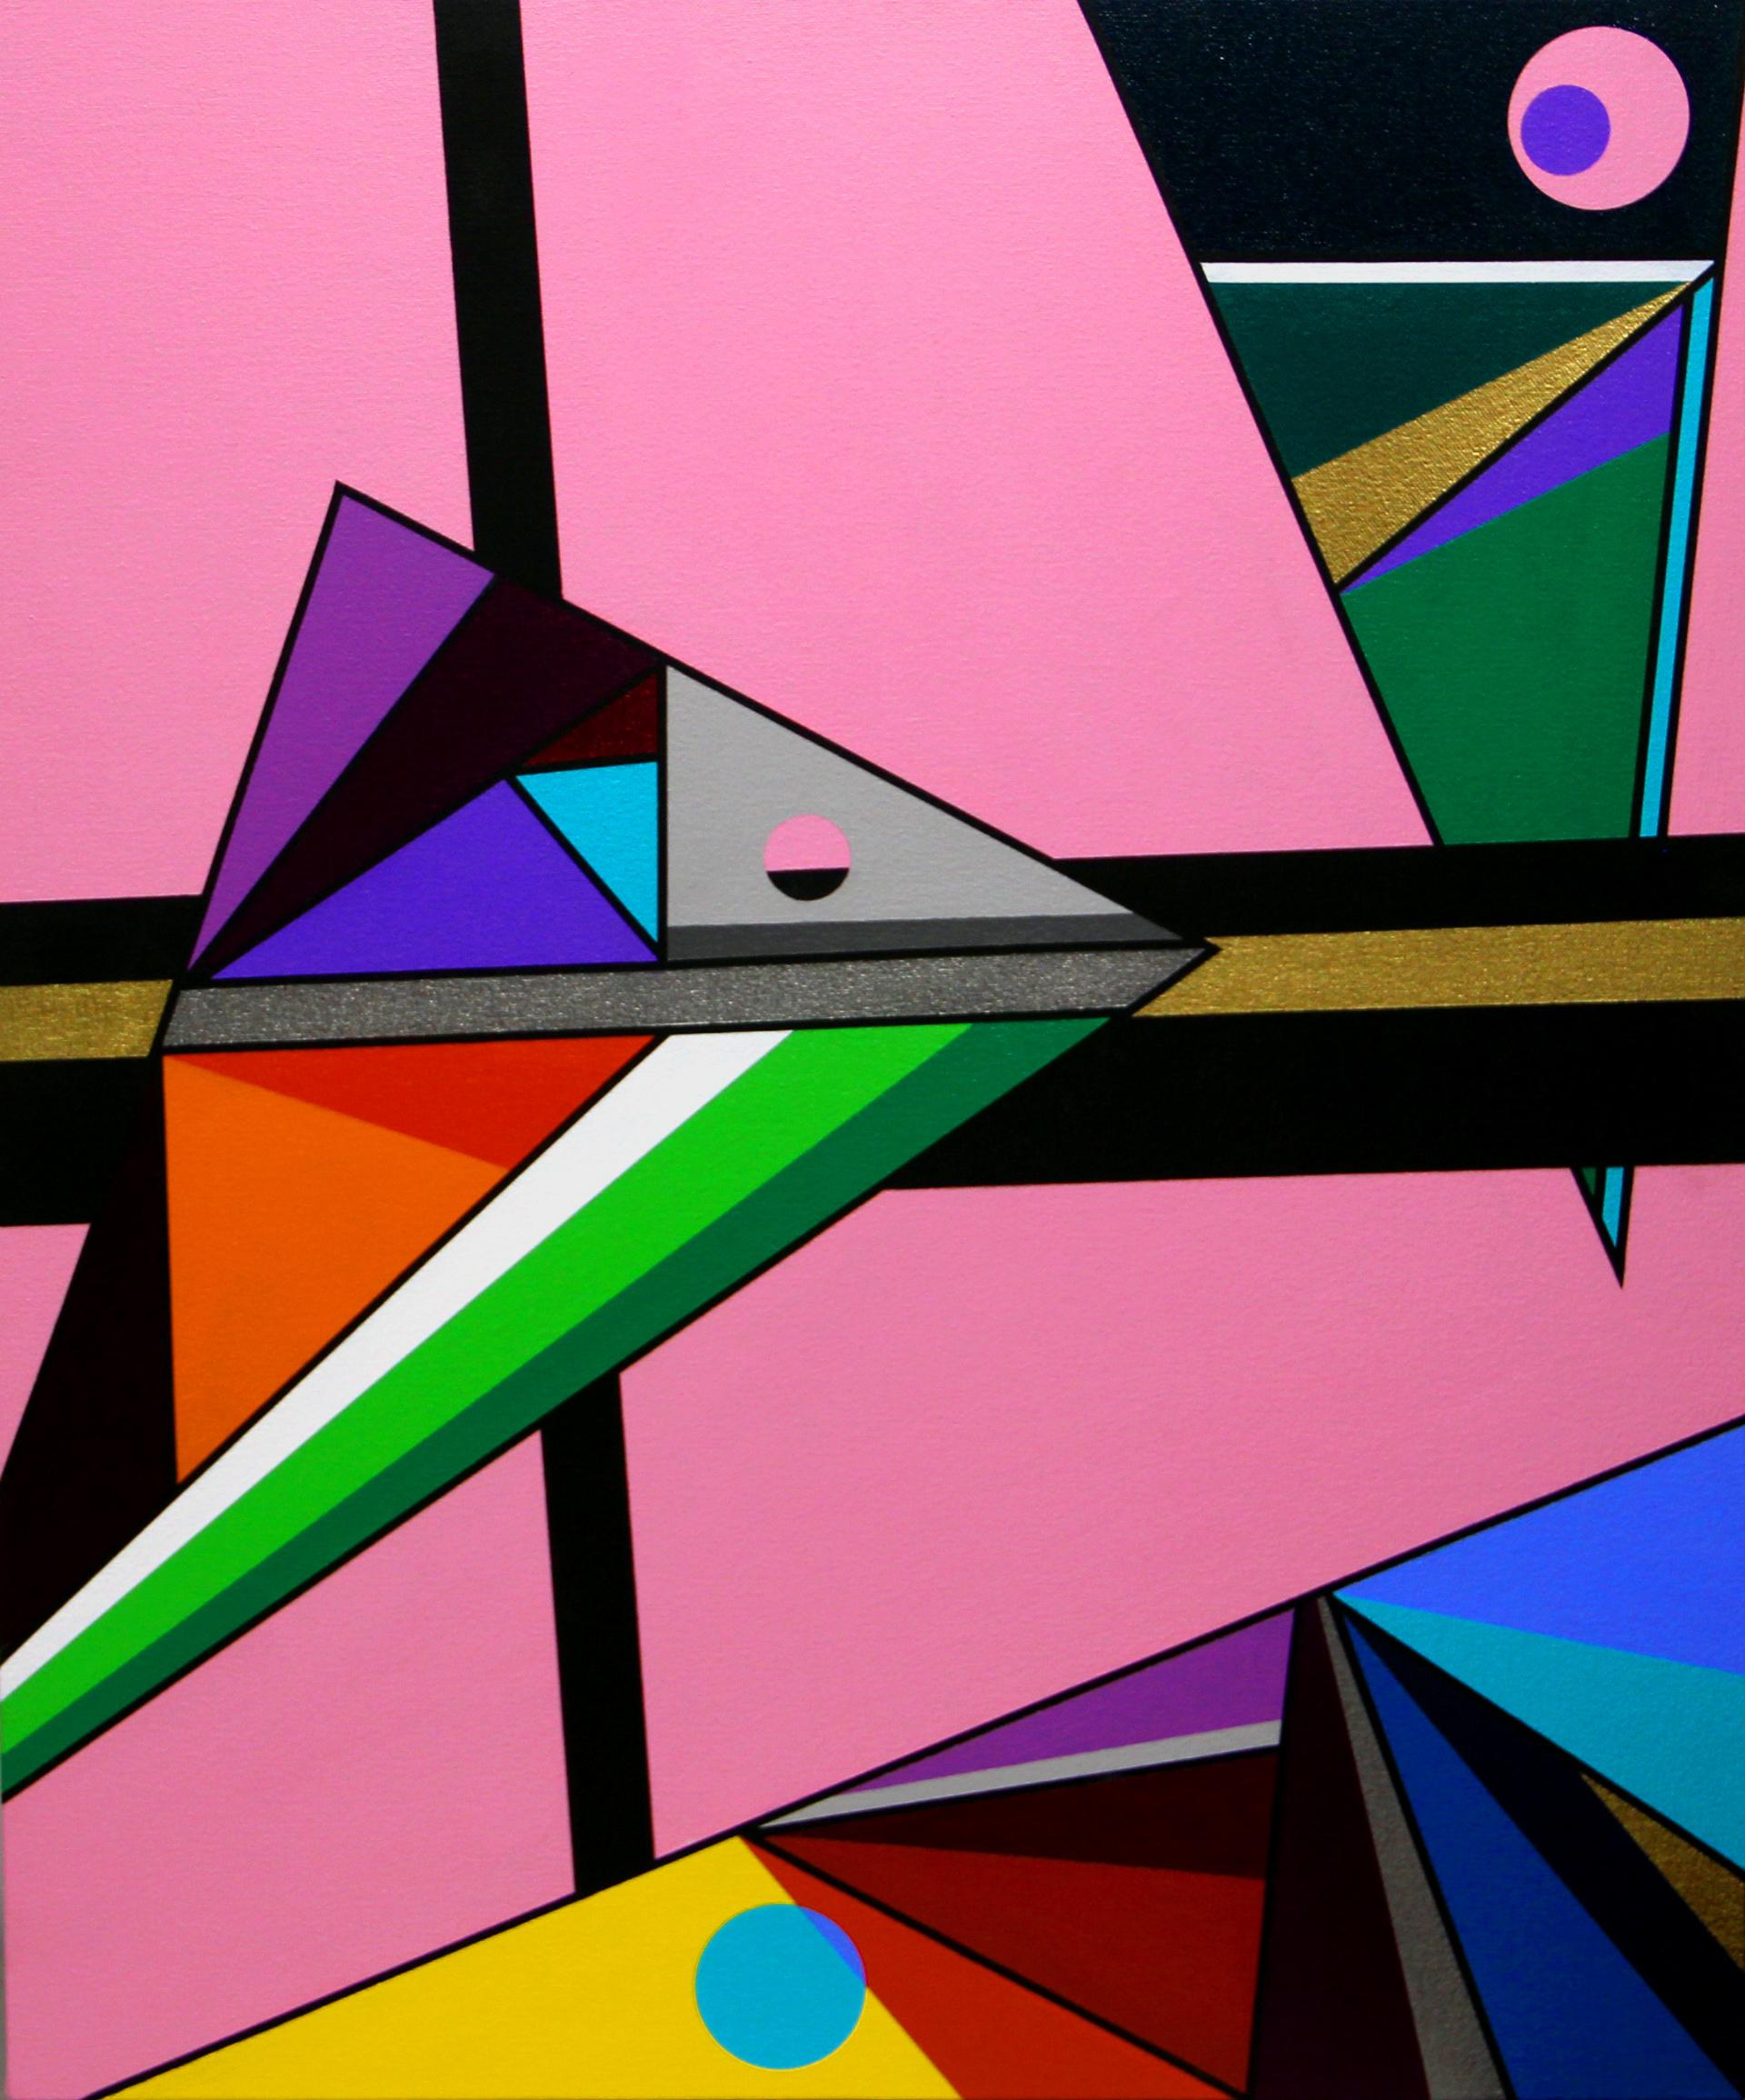 Triangular Displacement by Eric Ockrassa